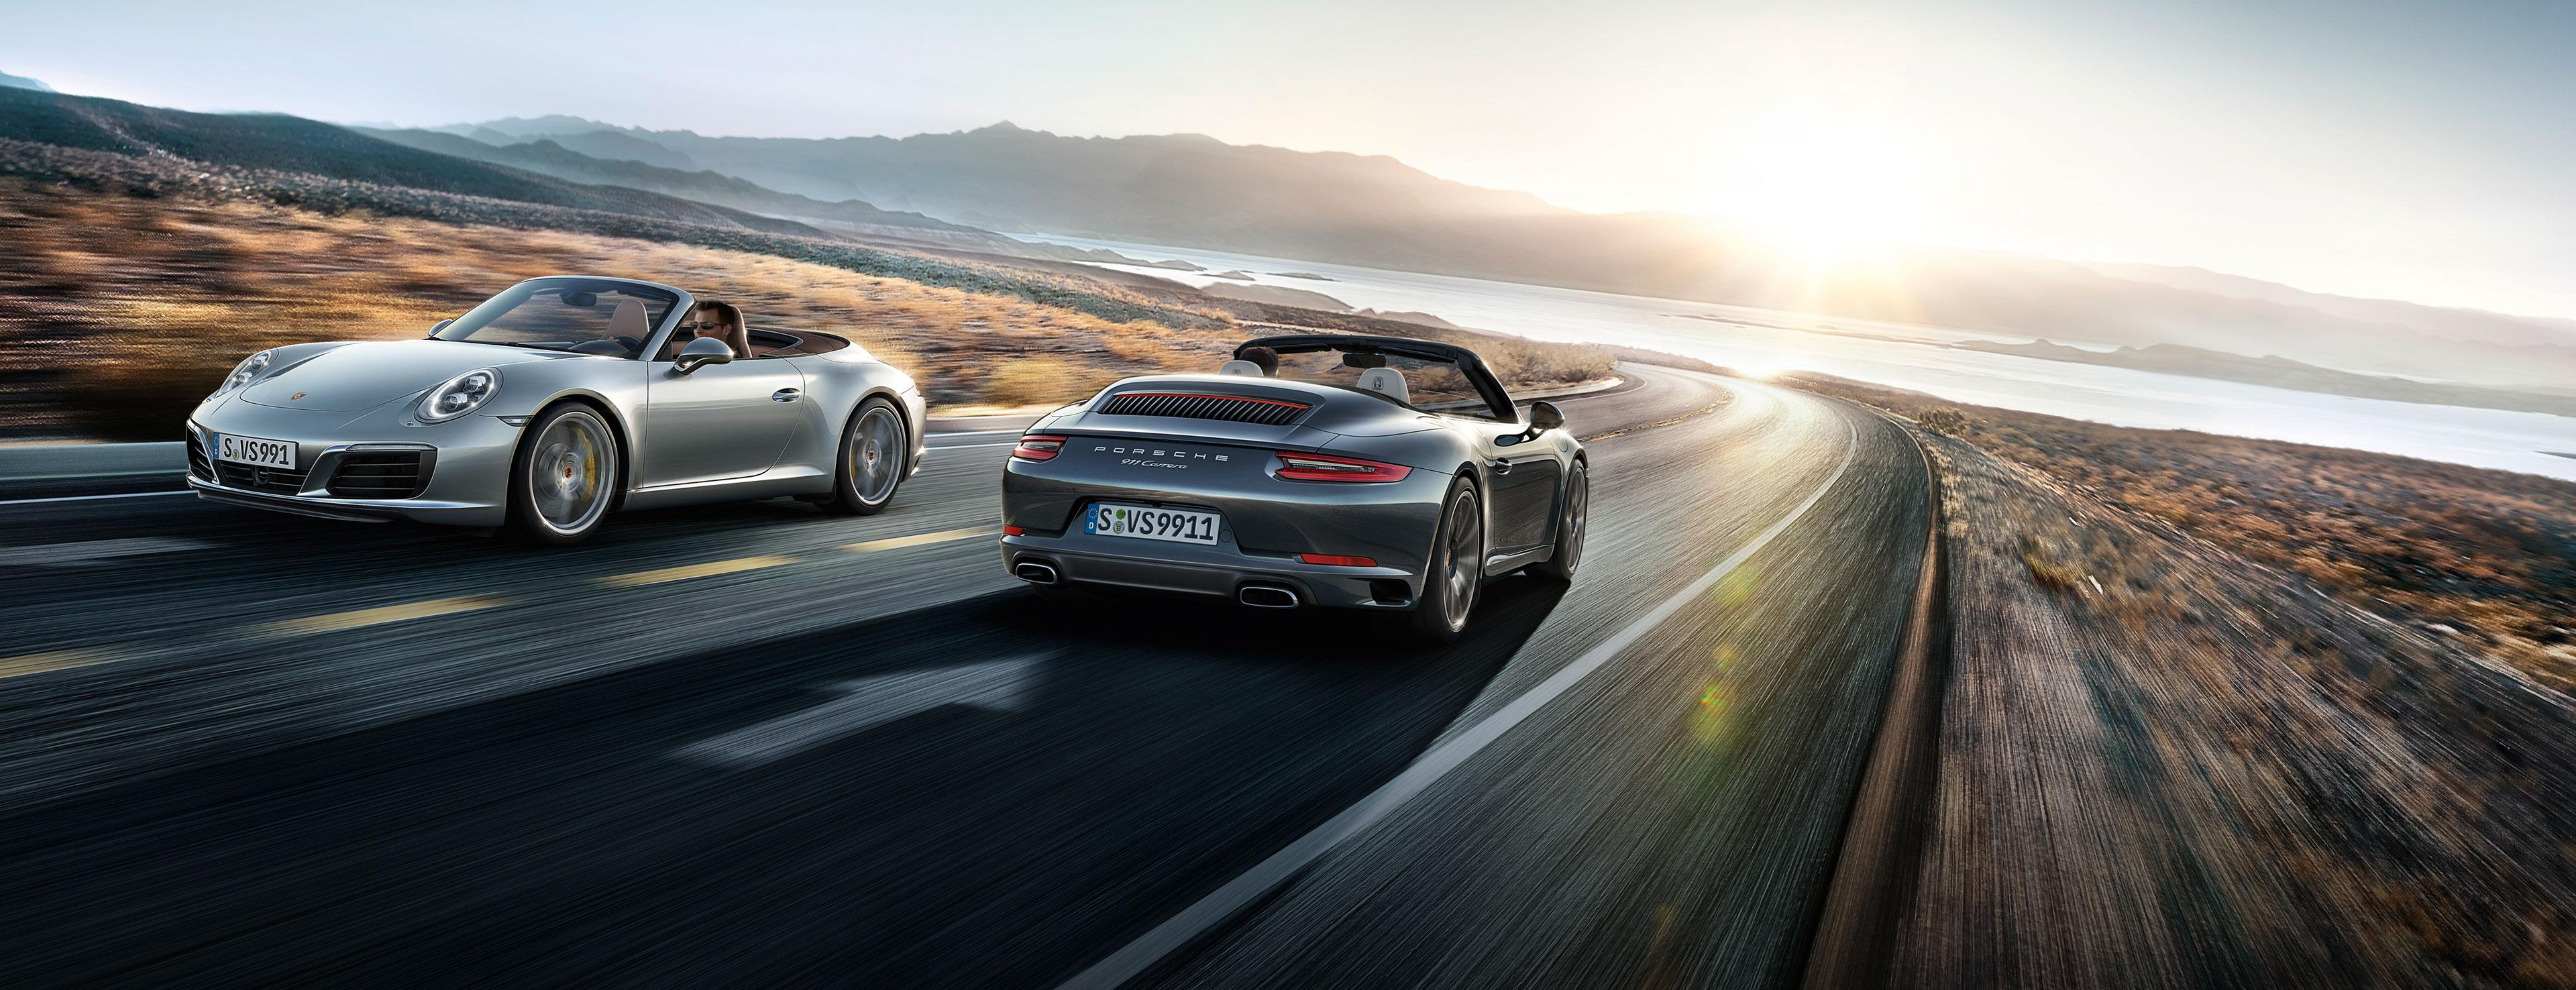 Obtenir un Certificat de Conformité Porsche